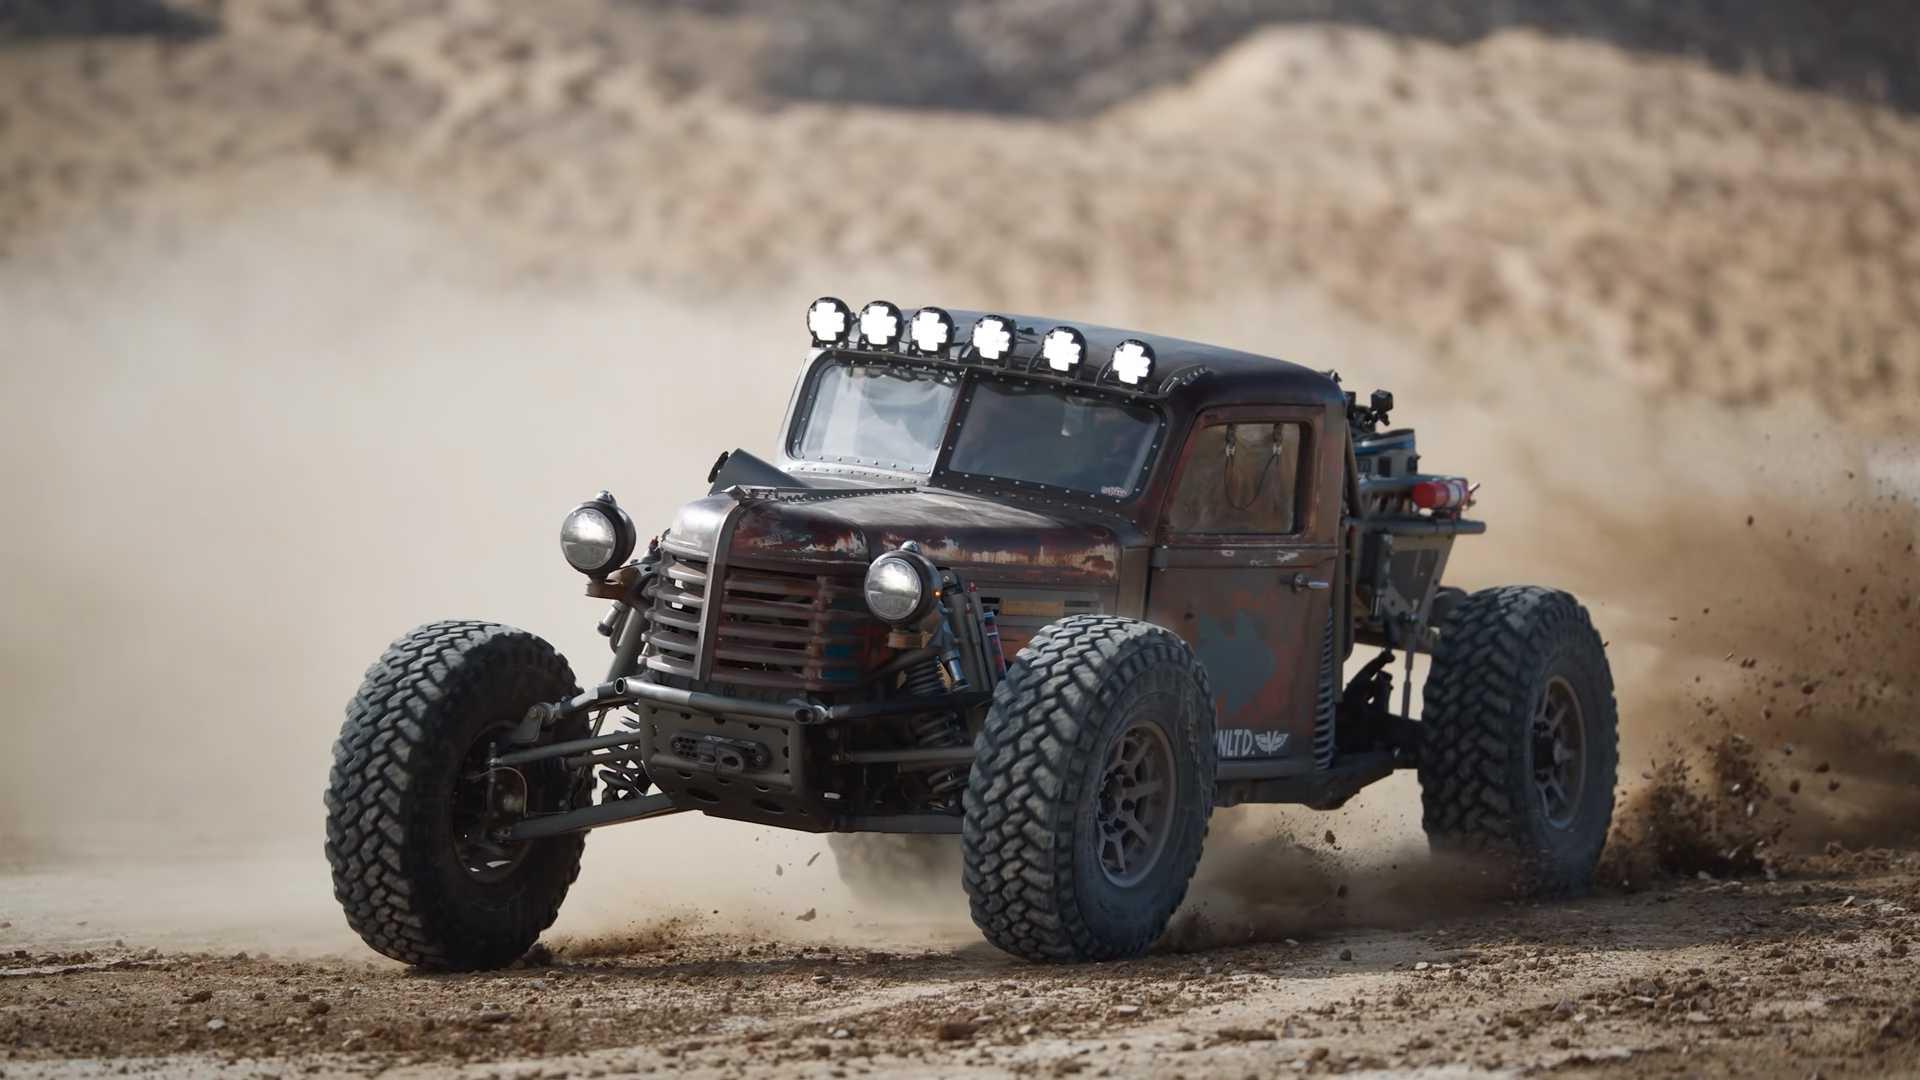 Este veículo todo-o-terreno conjuga ferrugem com tecnologia moderna